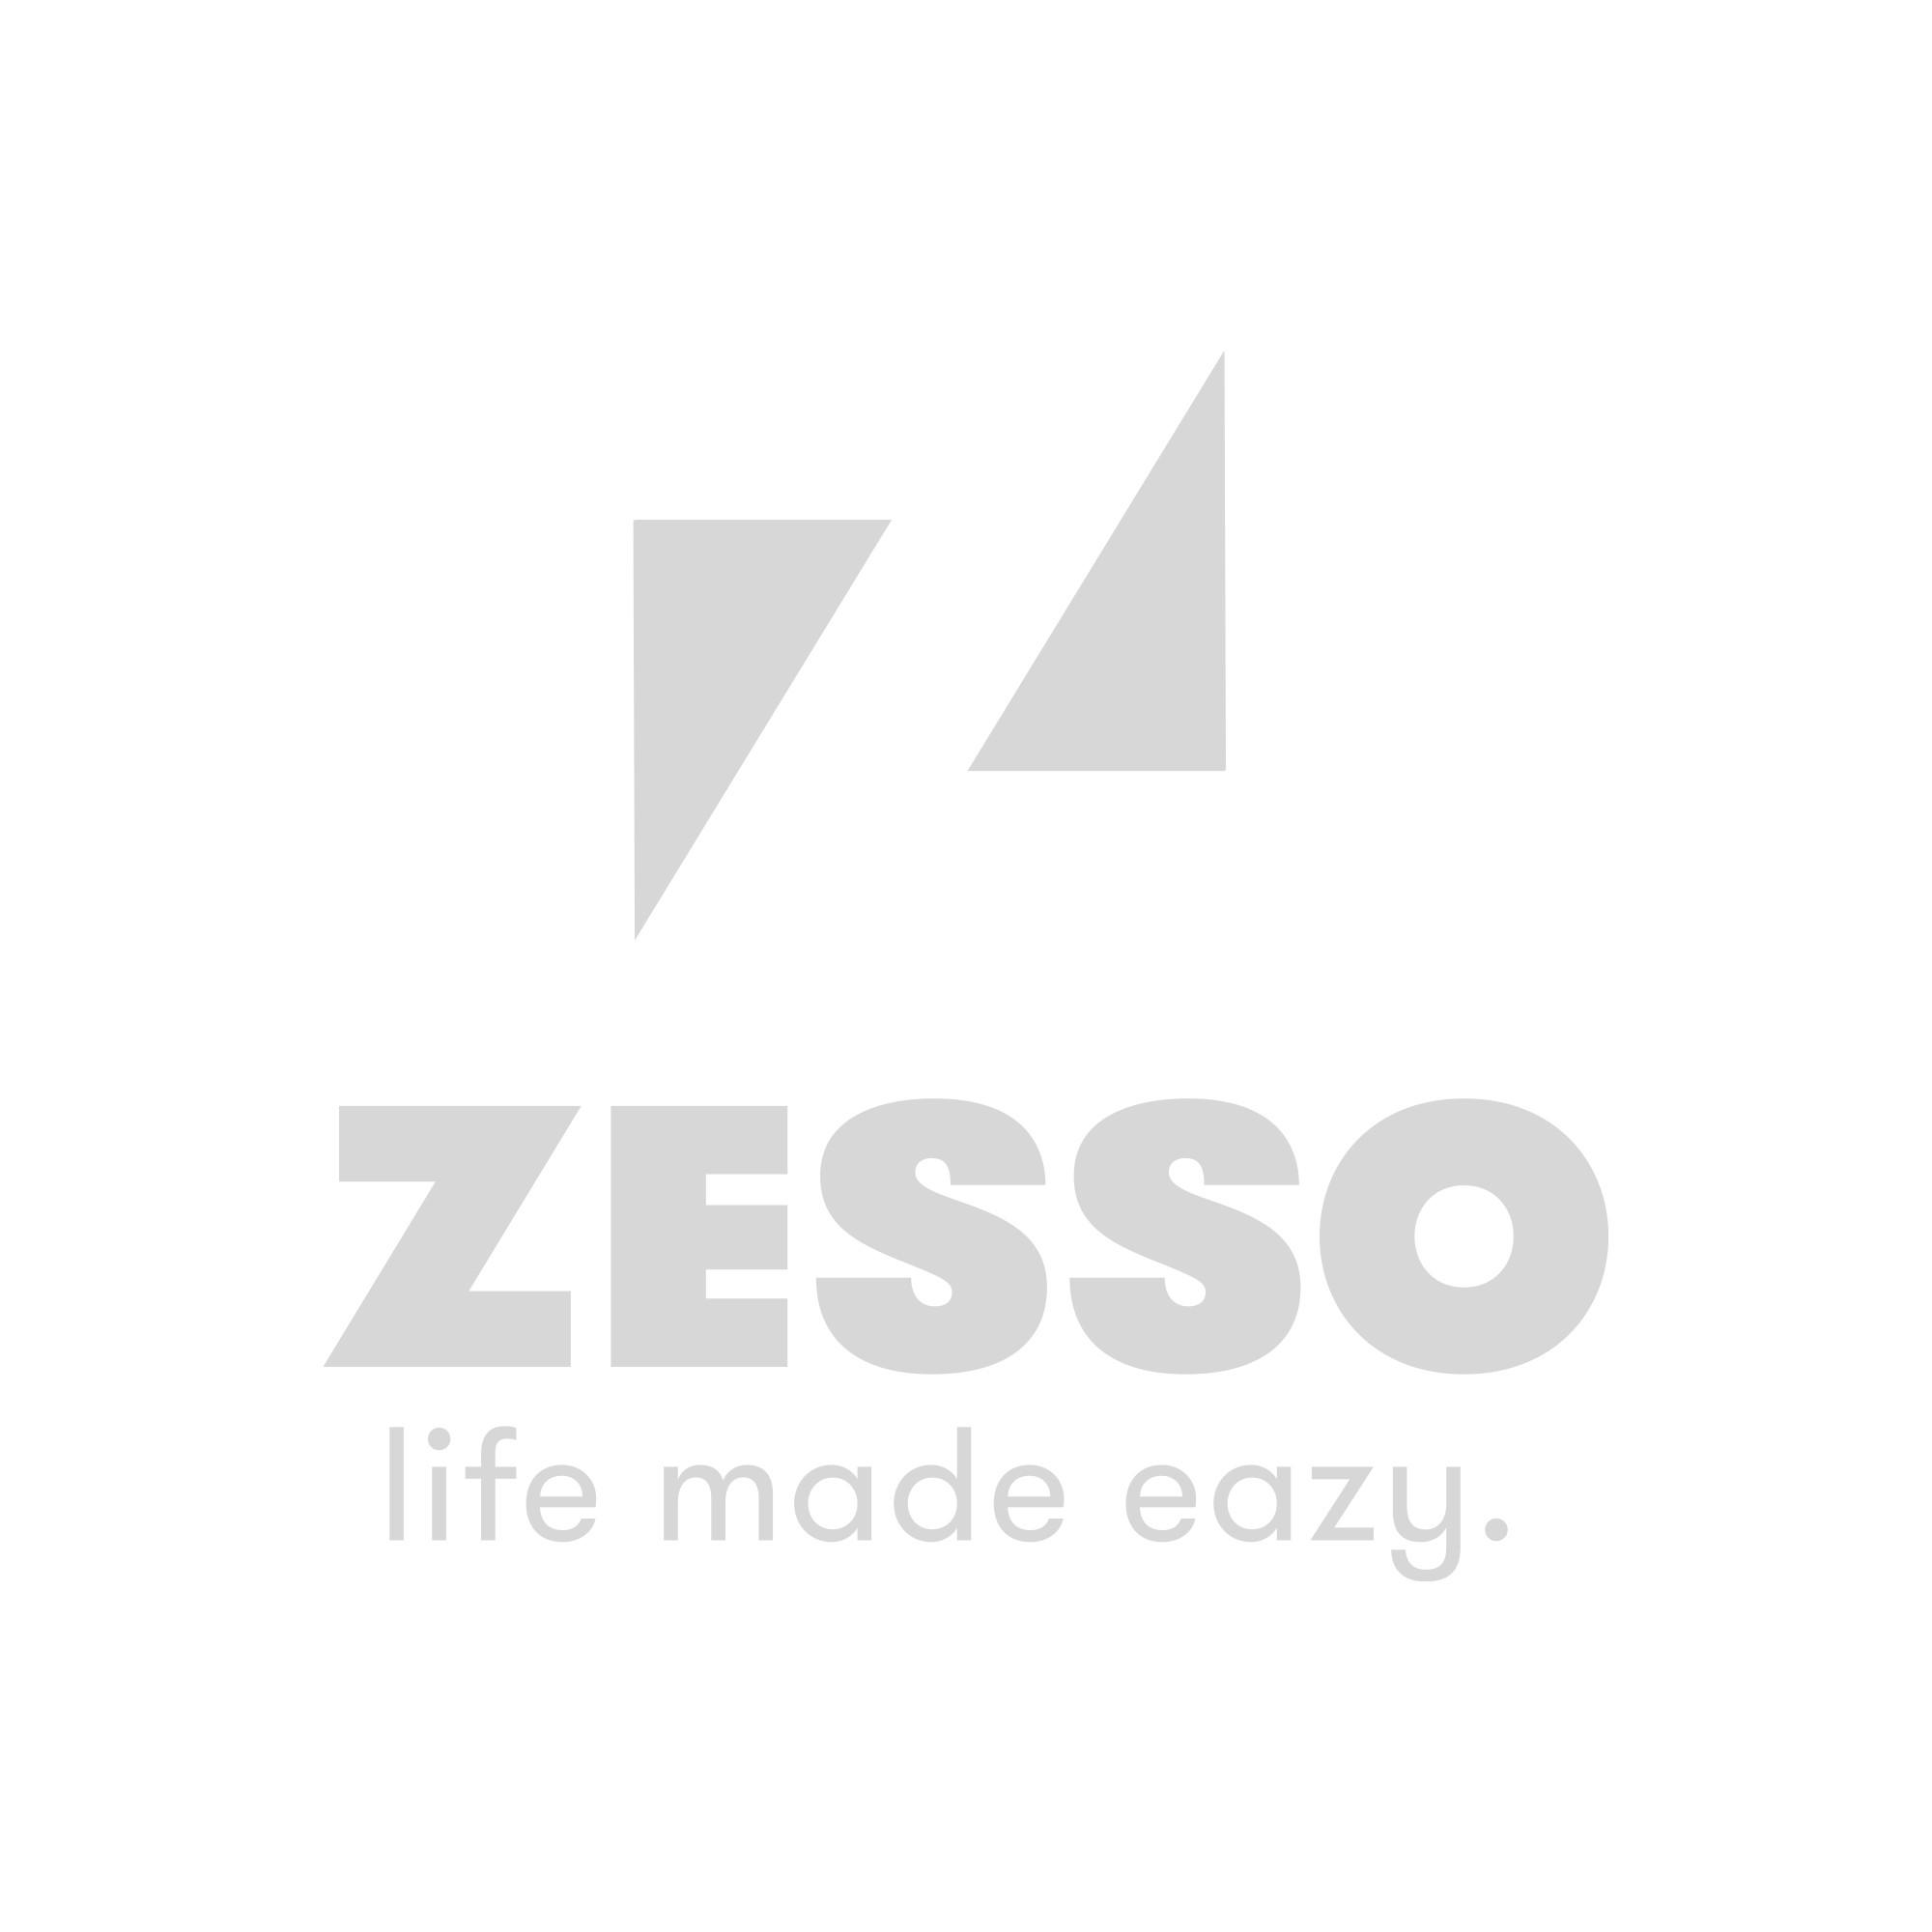 Tetradoeken